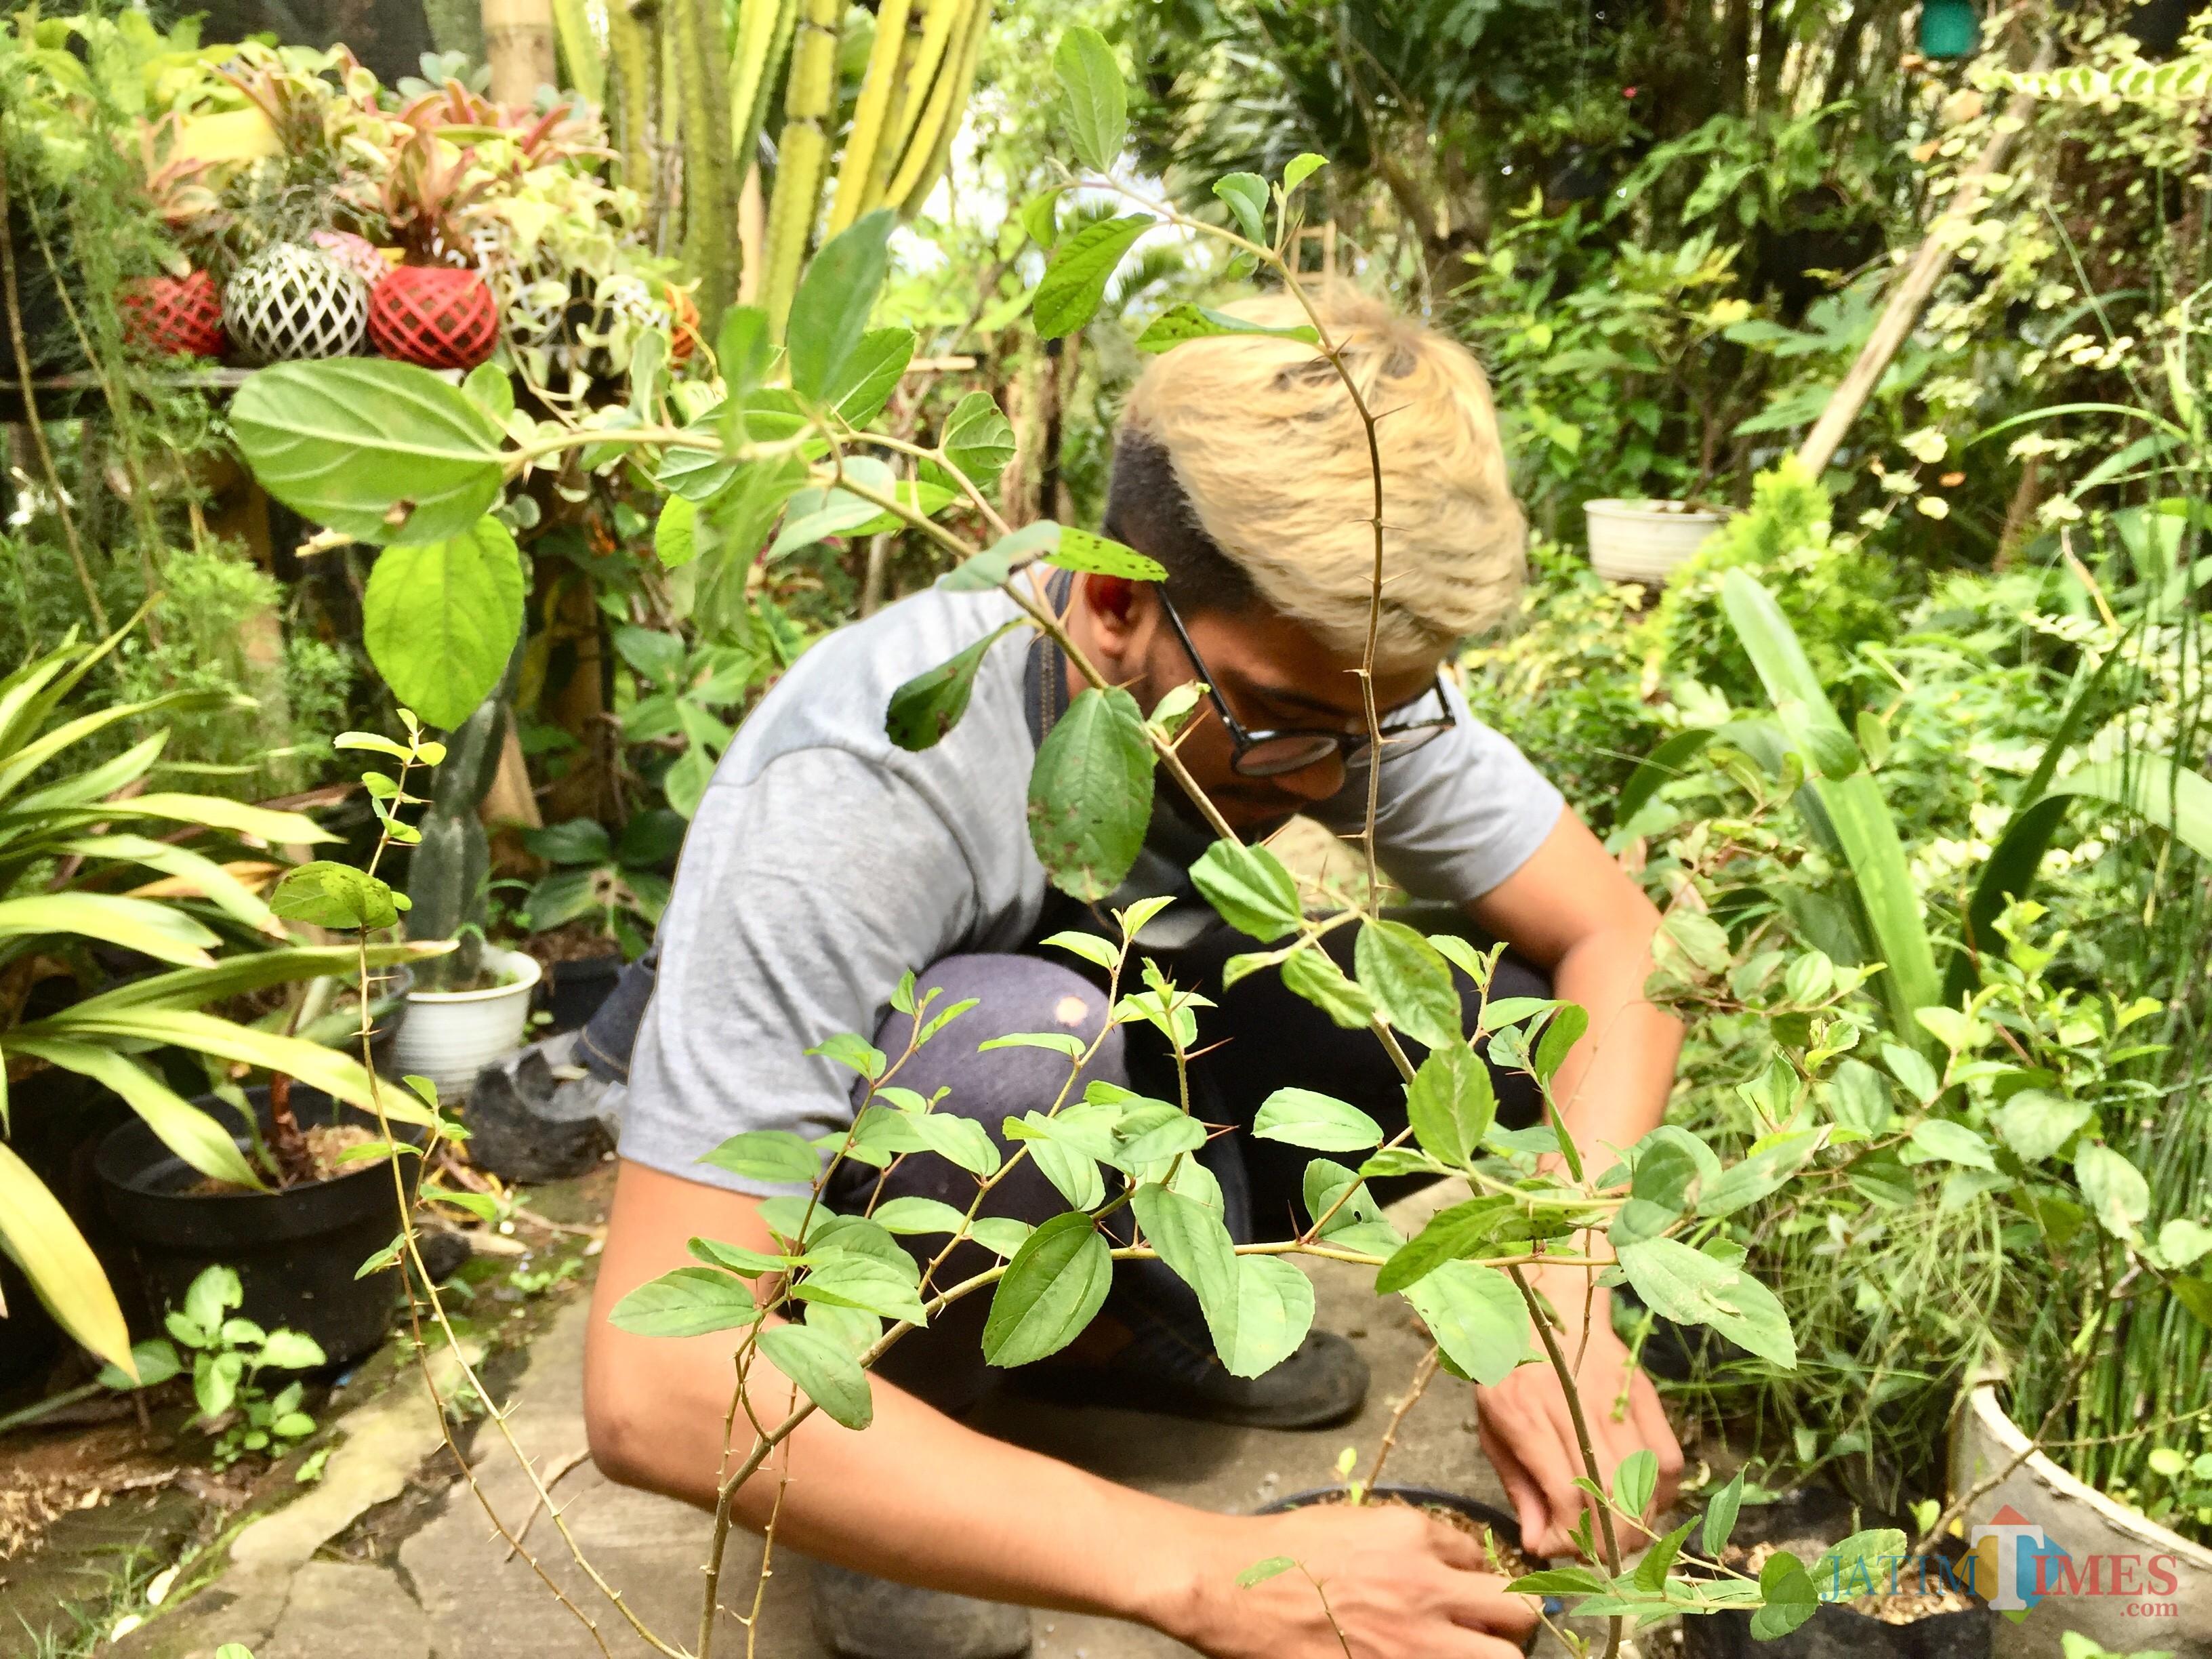 Salah satu petugas di Galery Kokedama sedang merawat tanaman di Jalan Patimura, Kelurahan Temas, Kecamatan Batu. (Foto: Irsya Richa/MalangTIMES)